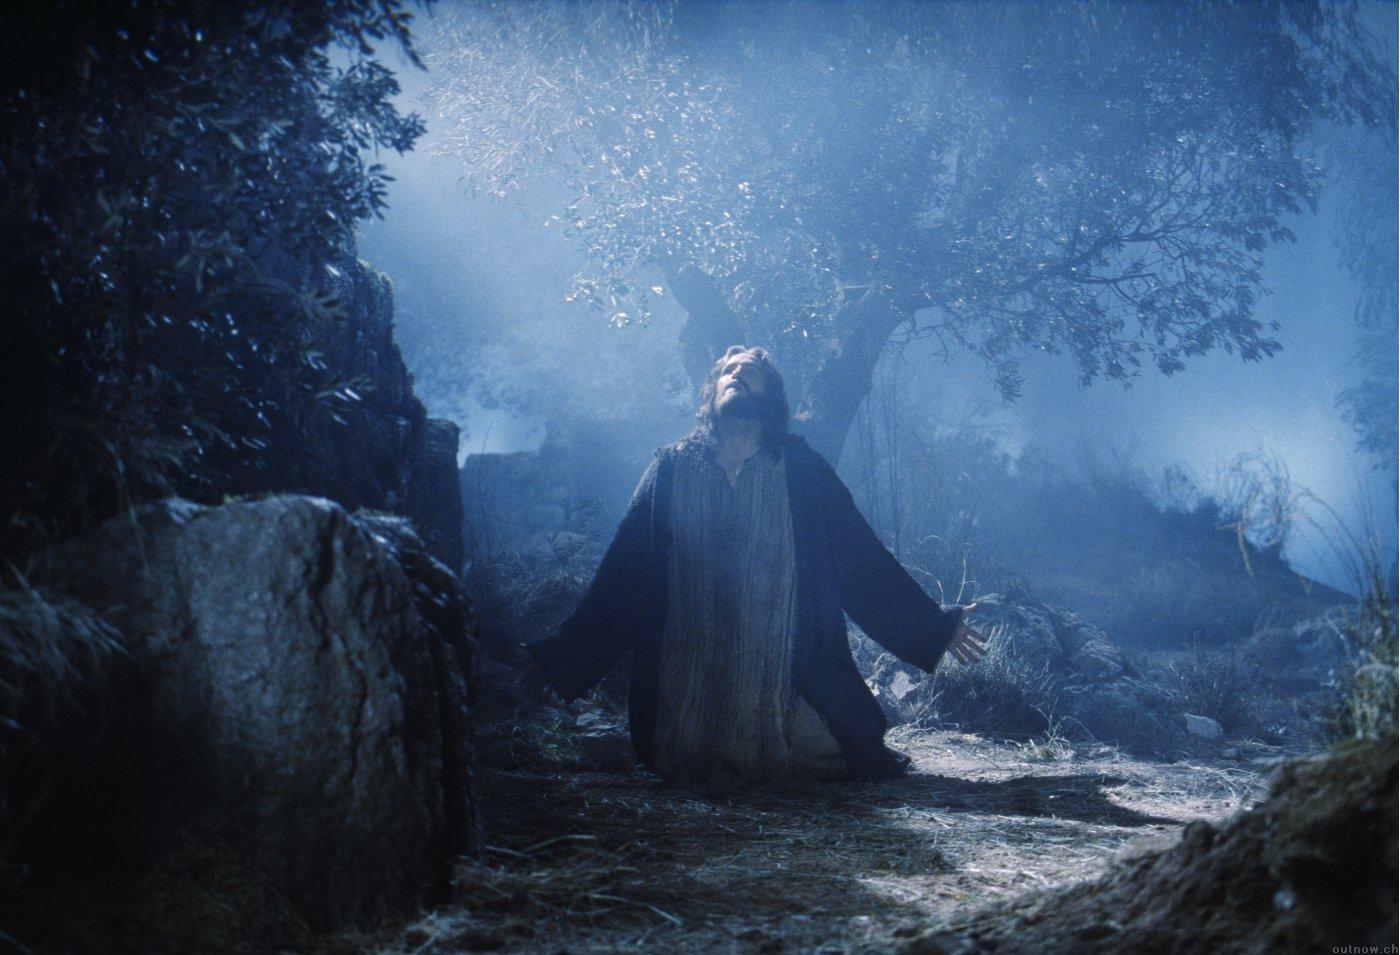 GESÙ NEL GETSEMANI: LE 6 PROMESSE DEL FIGLIO DI DIO A CHI SI RICORDA DI LUI